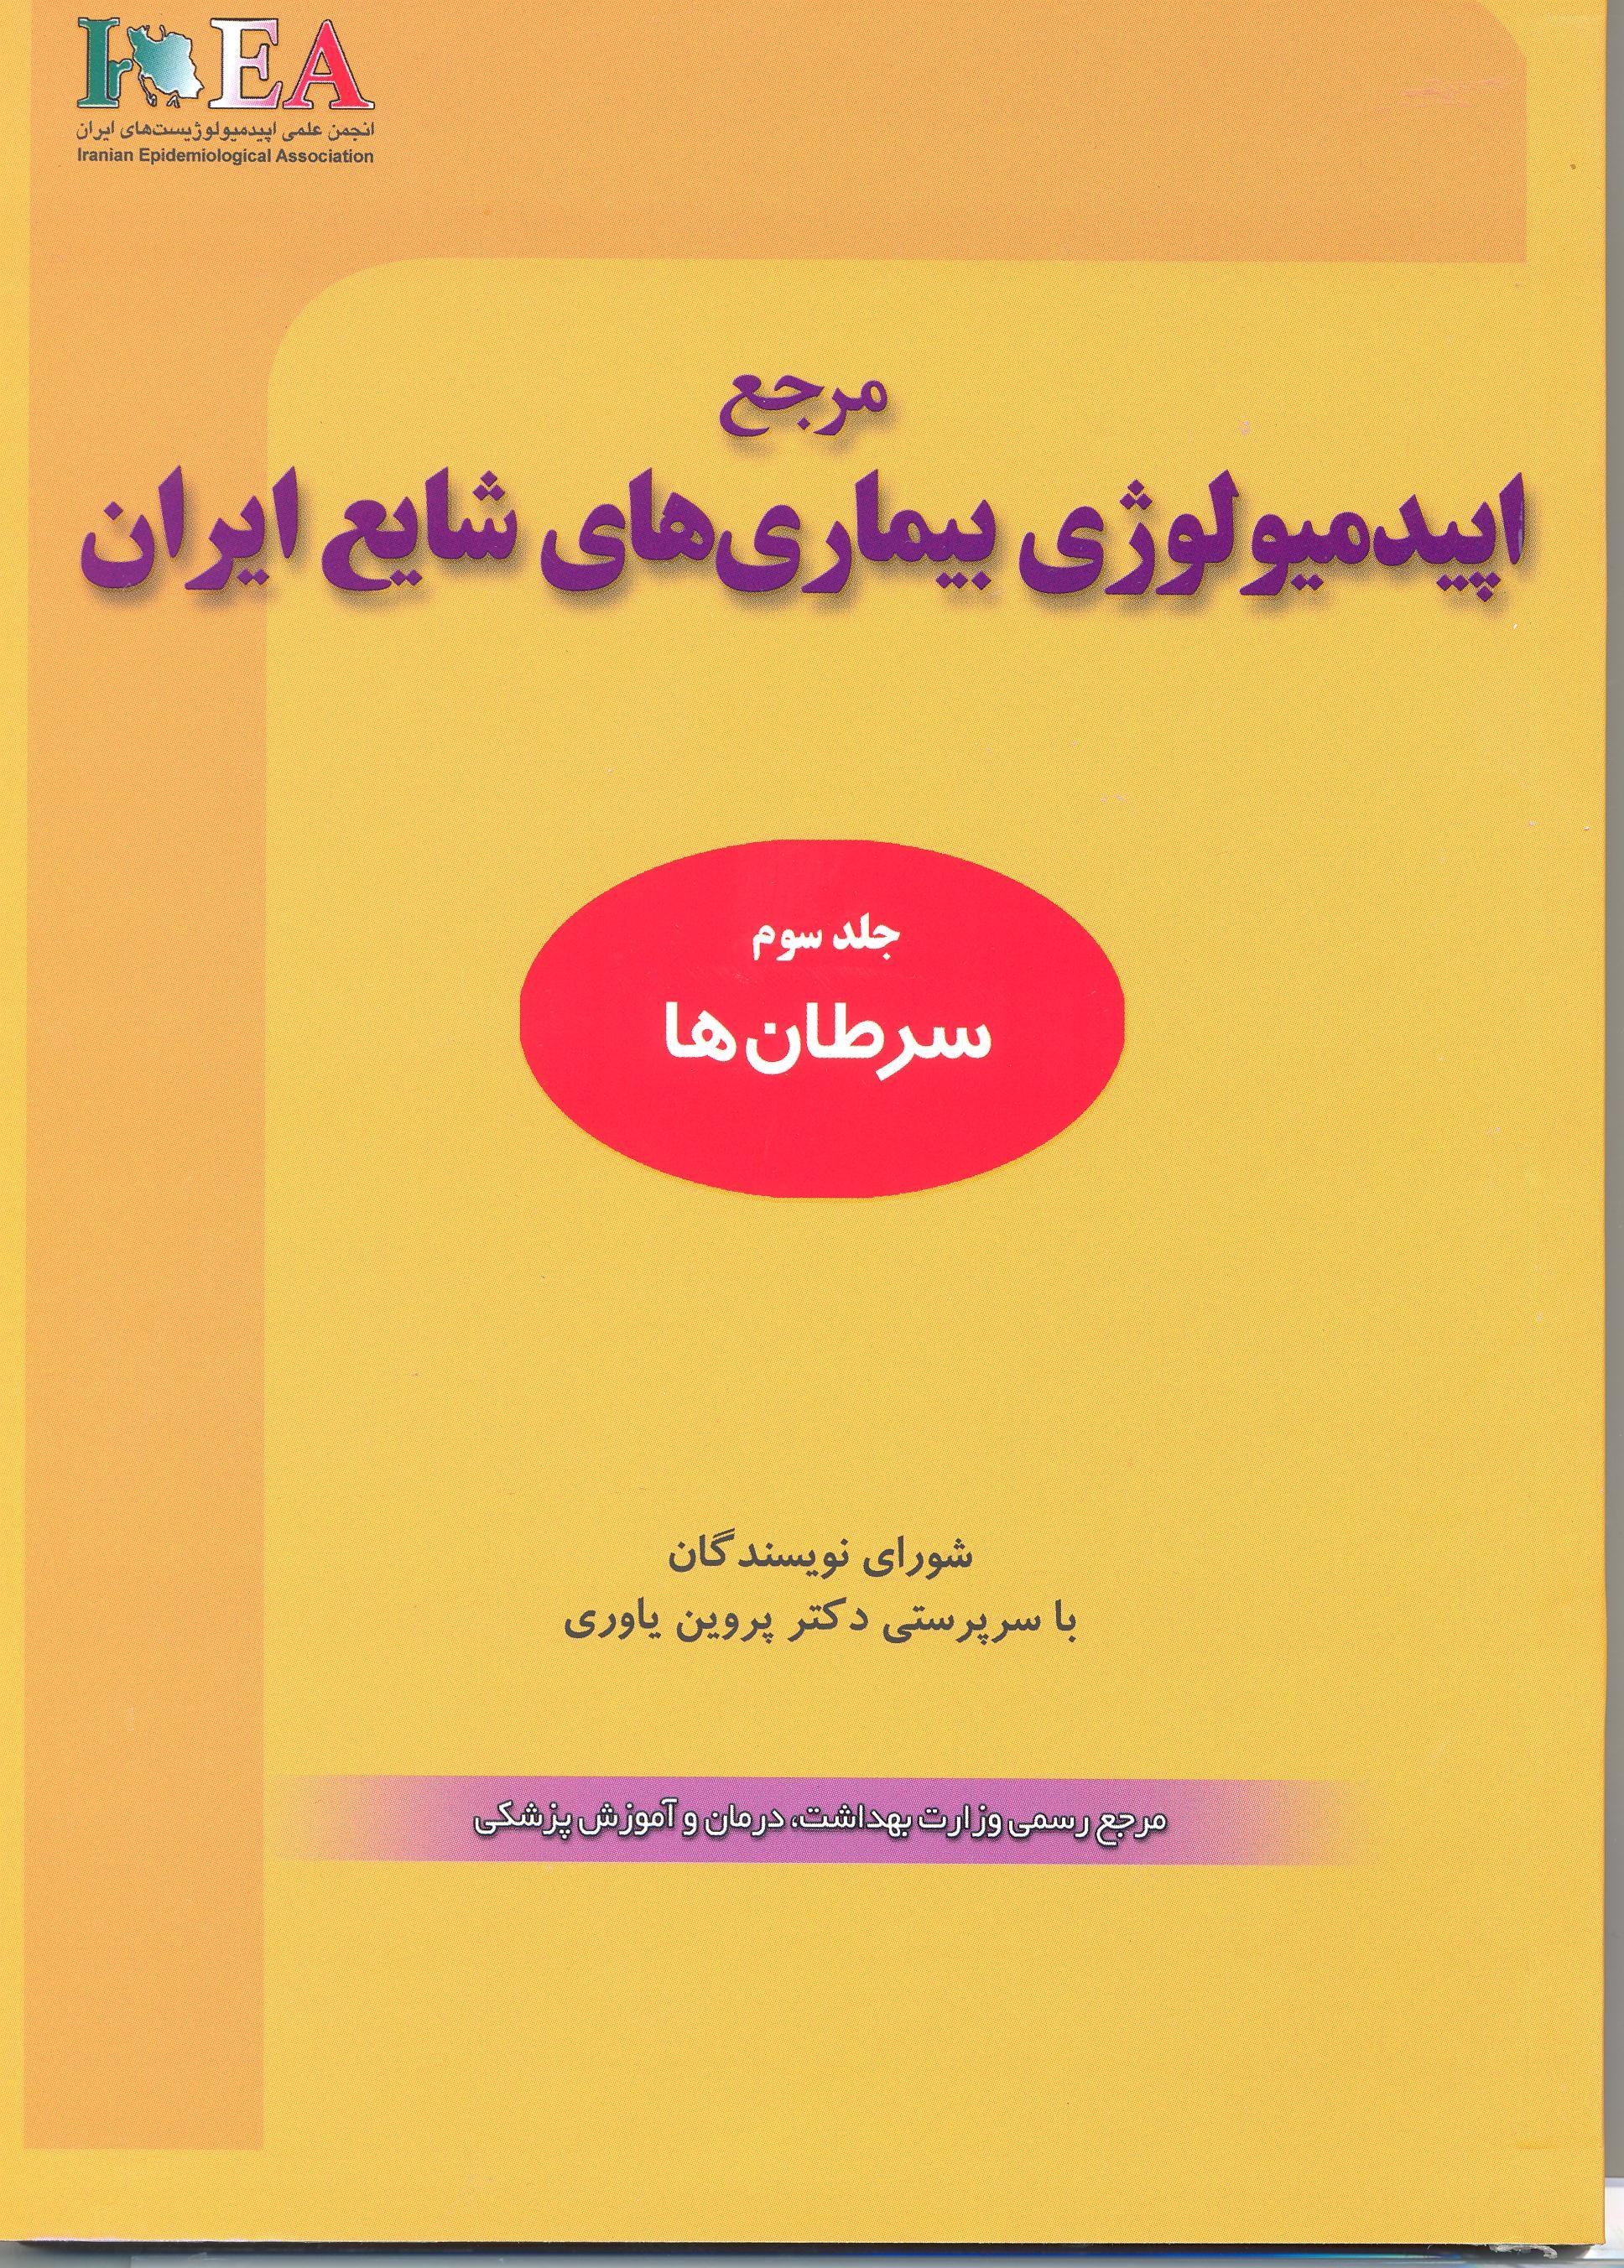 مرجع اپیدمیولوژی بیماری های شایع ایران جلد سوم سرطان ها